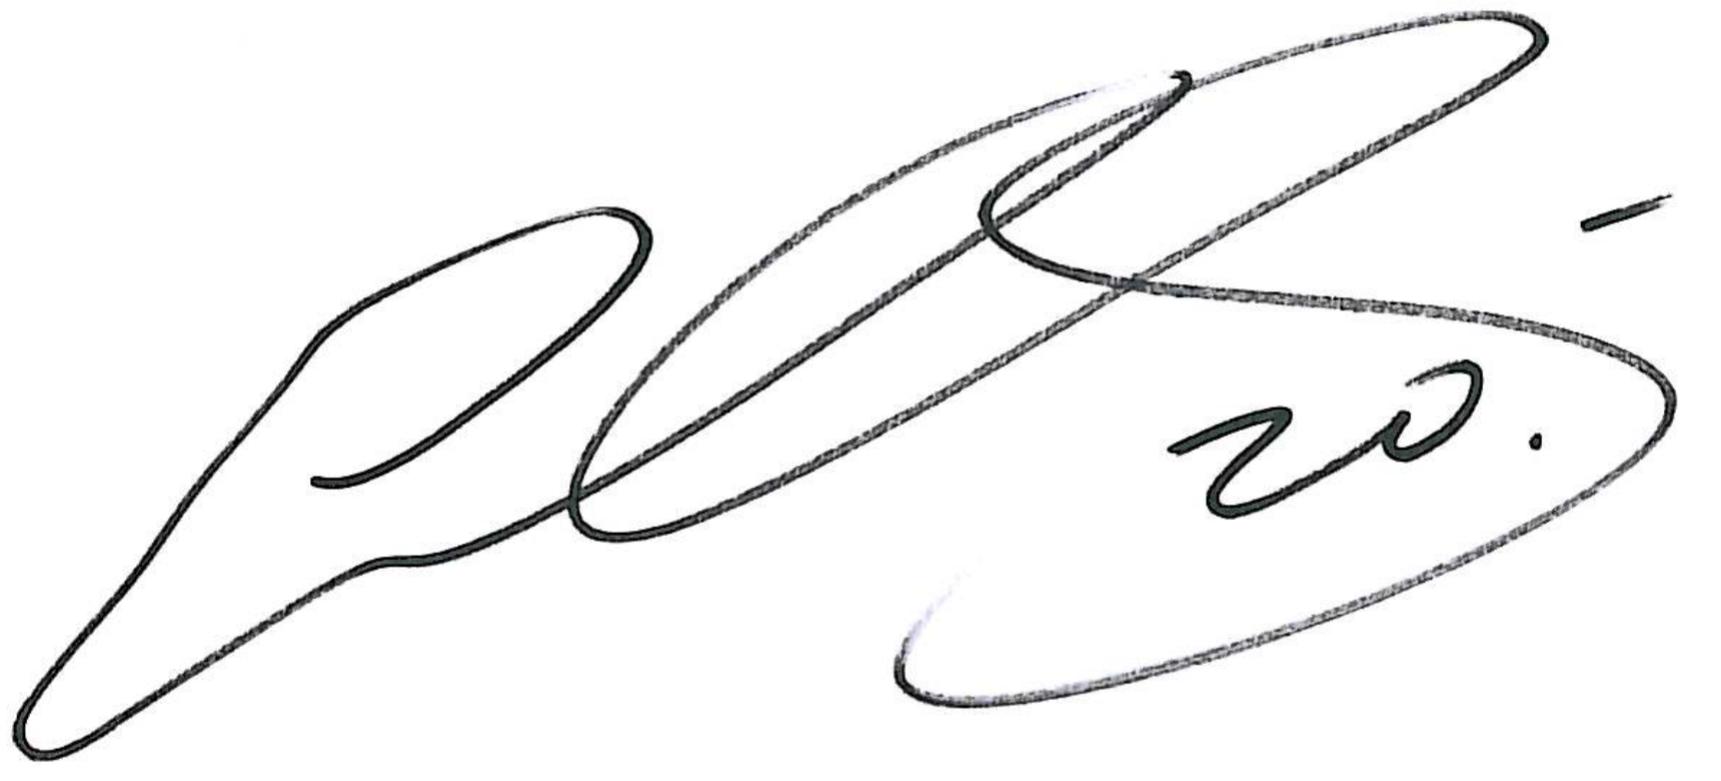 Eldin Karišik, signatur